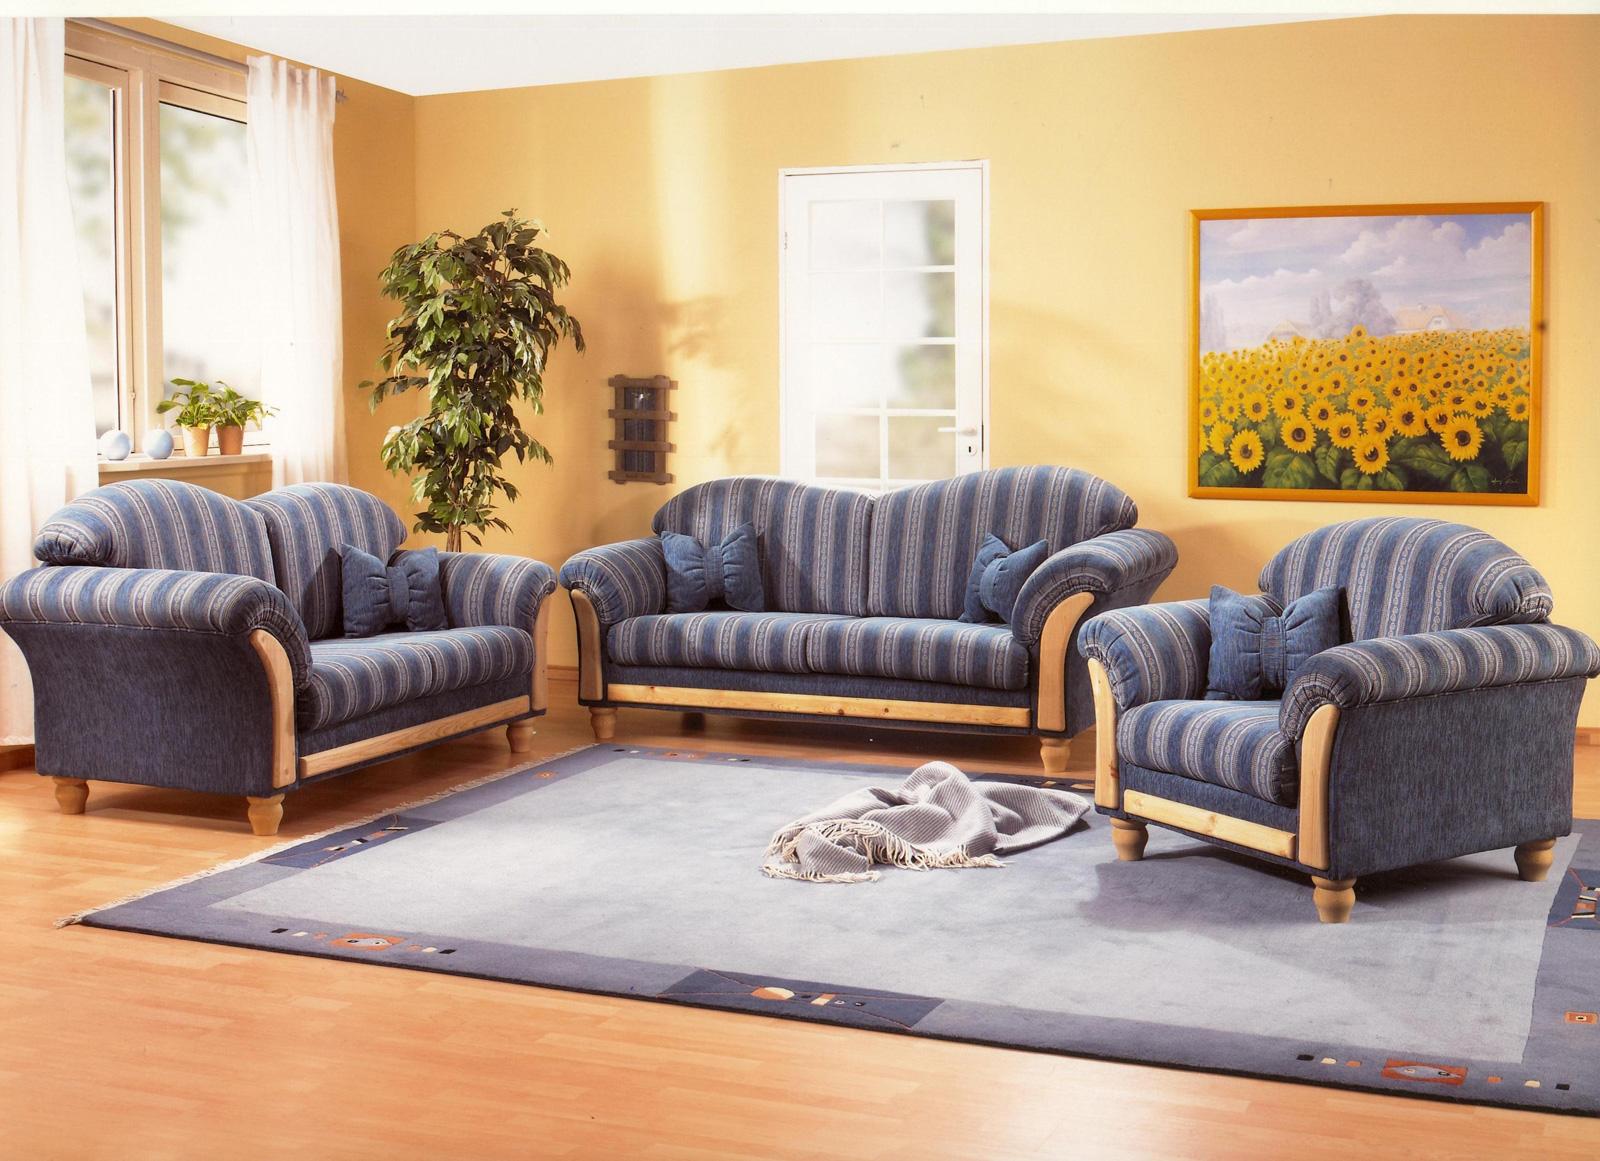 Full Size of Landhaus Sofa Garnitur Esens 2 Mit Verstellbarer Sitztiefe Landhausstil Wohnzimmer Hülsta Schlafsofa Liegefläche 160x200 Schlafzimmer 3 Sitzer Grau Modernes Sofa Landhaus Sofa